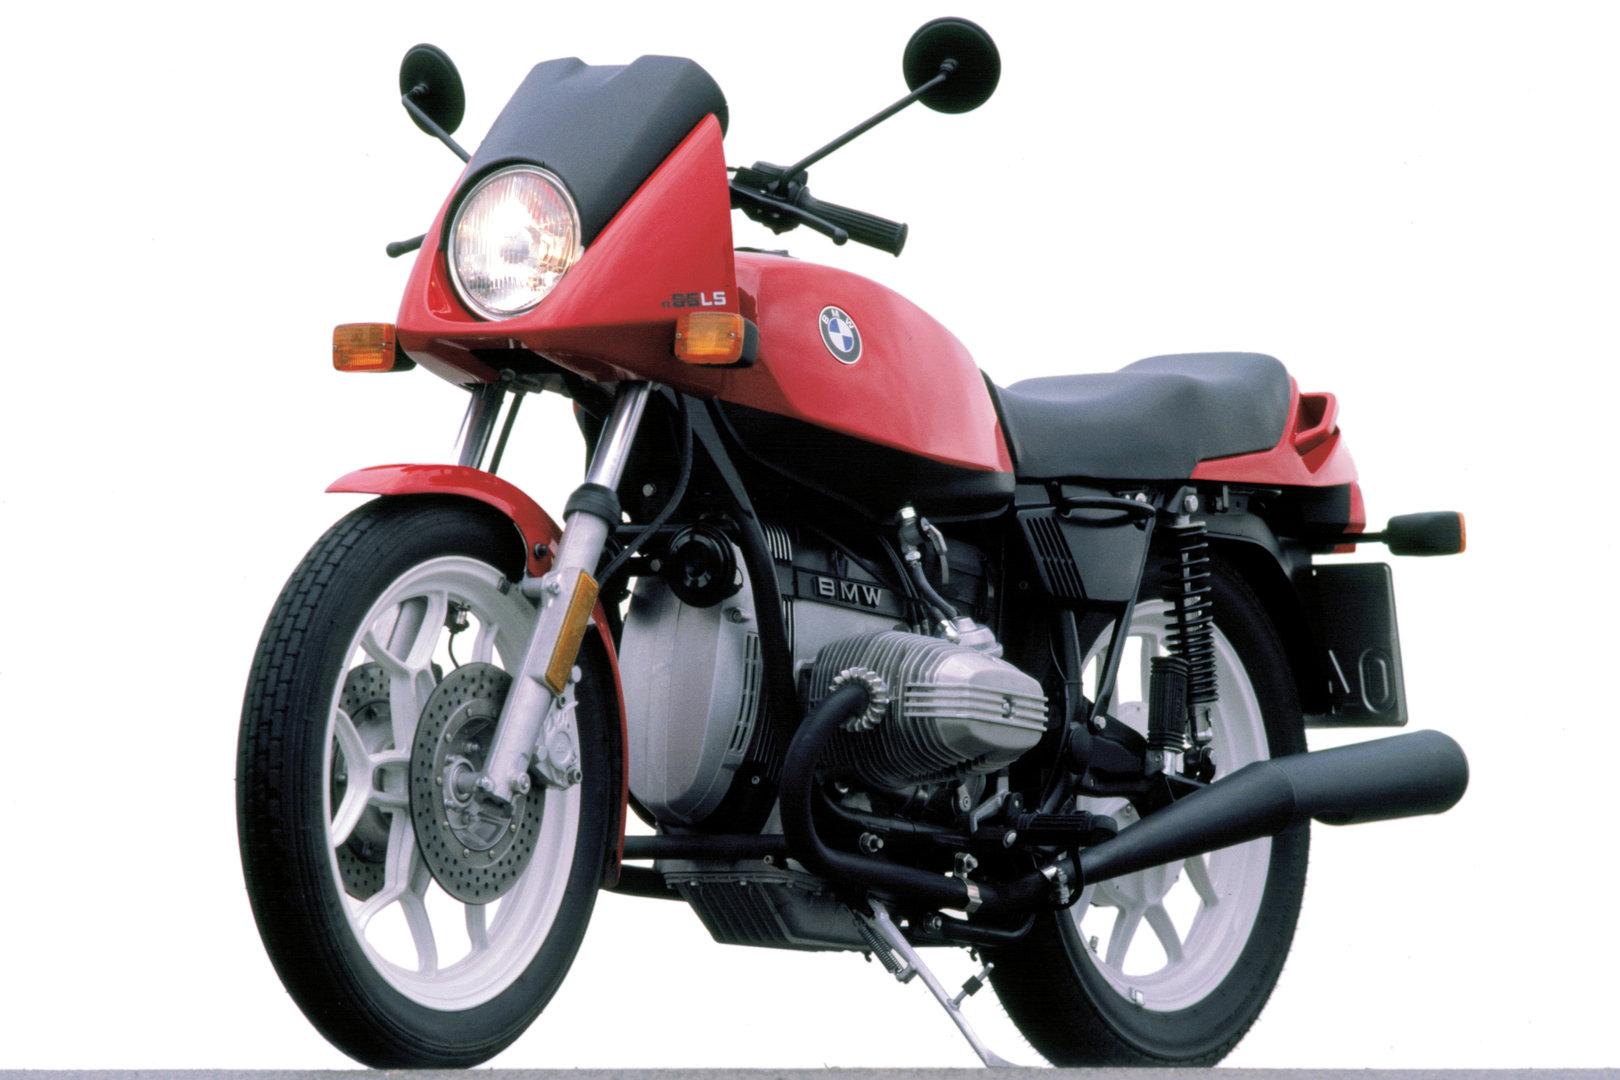 BMW R 65 LS 1